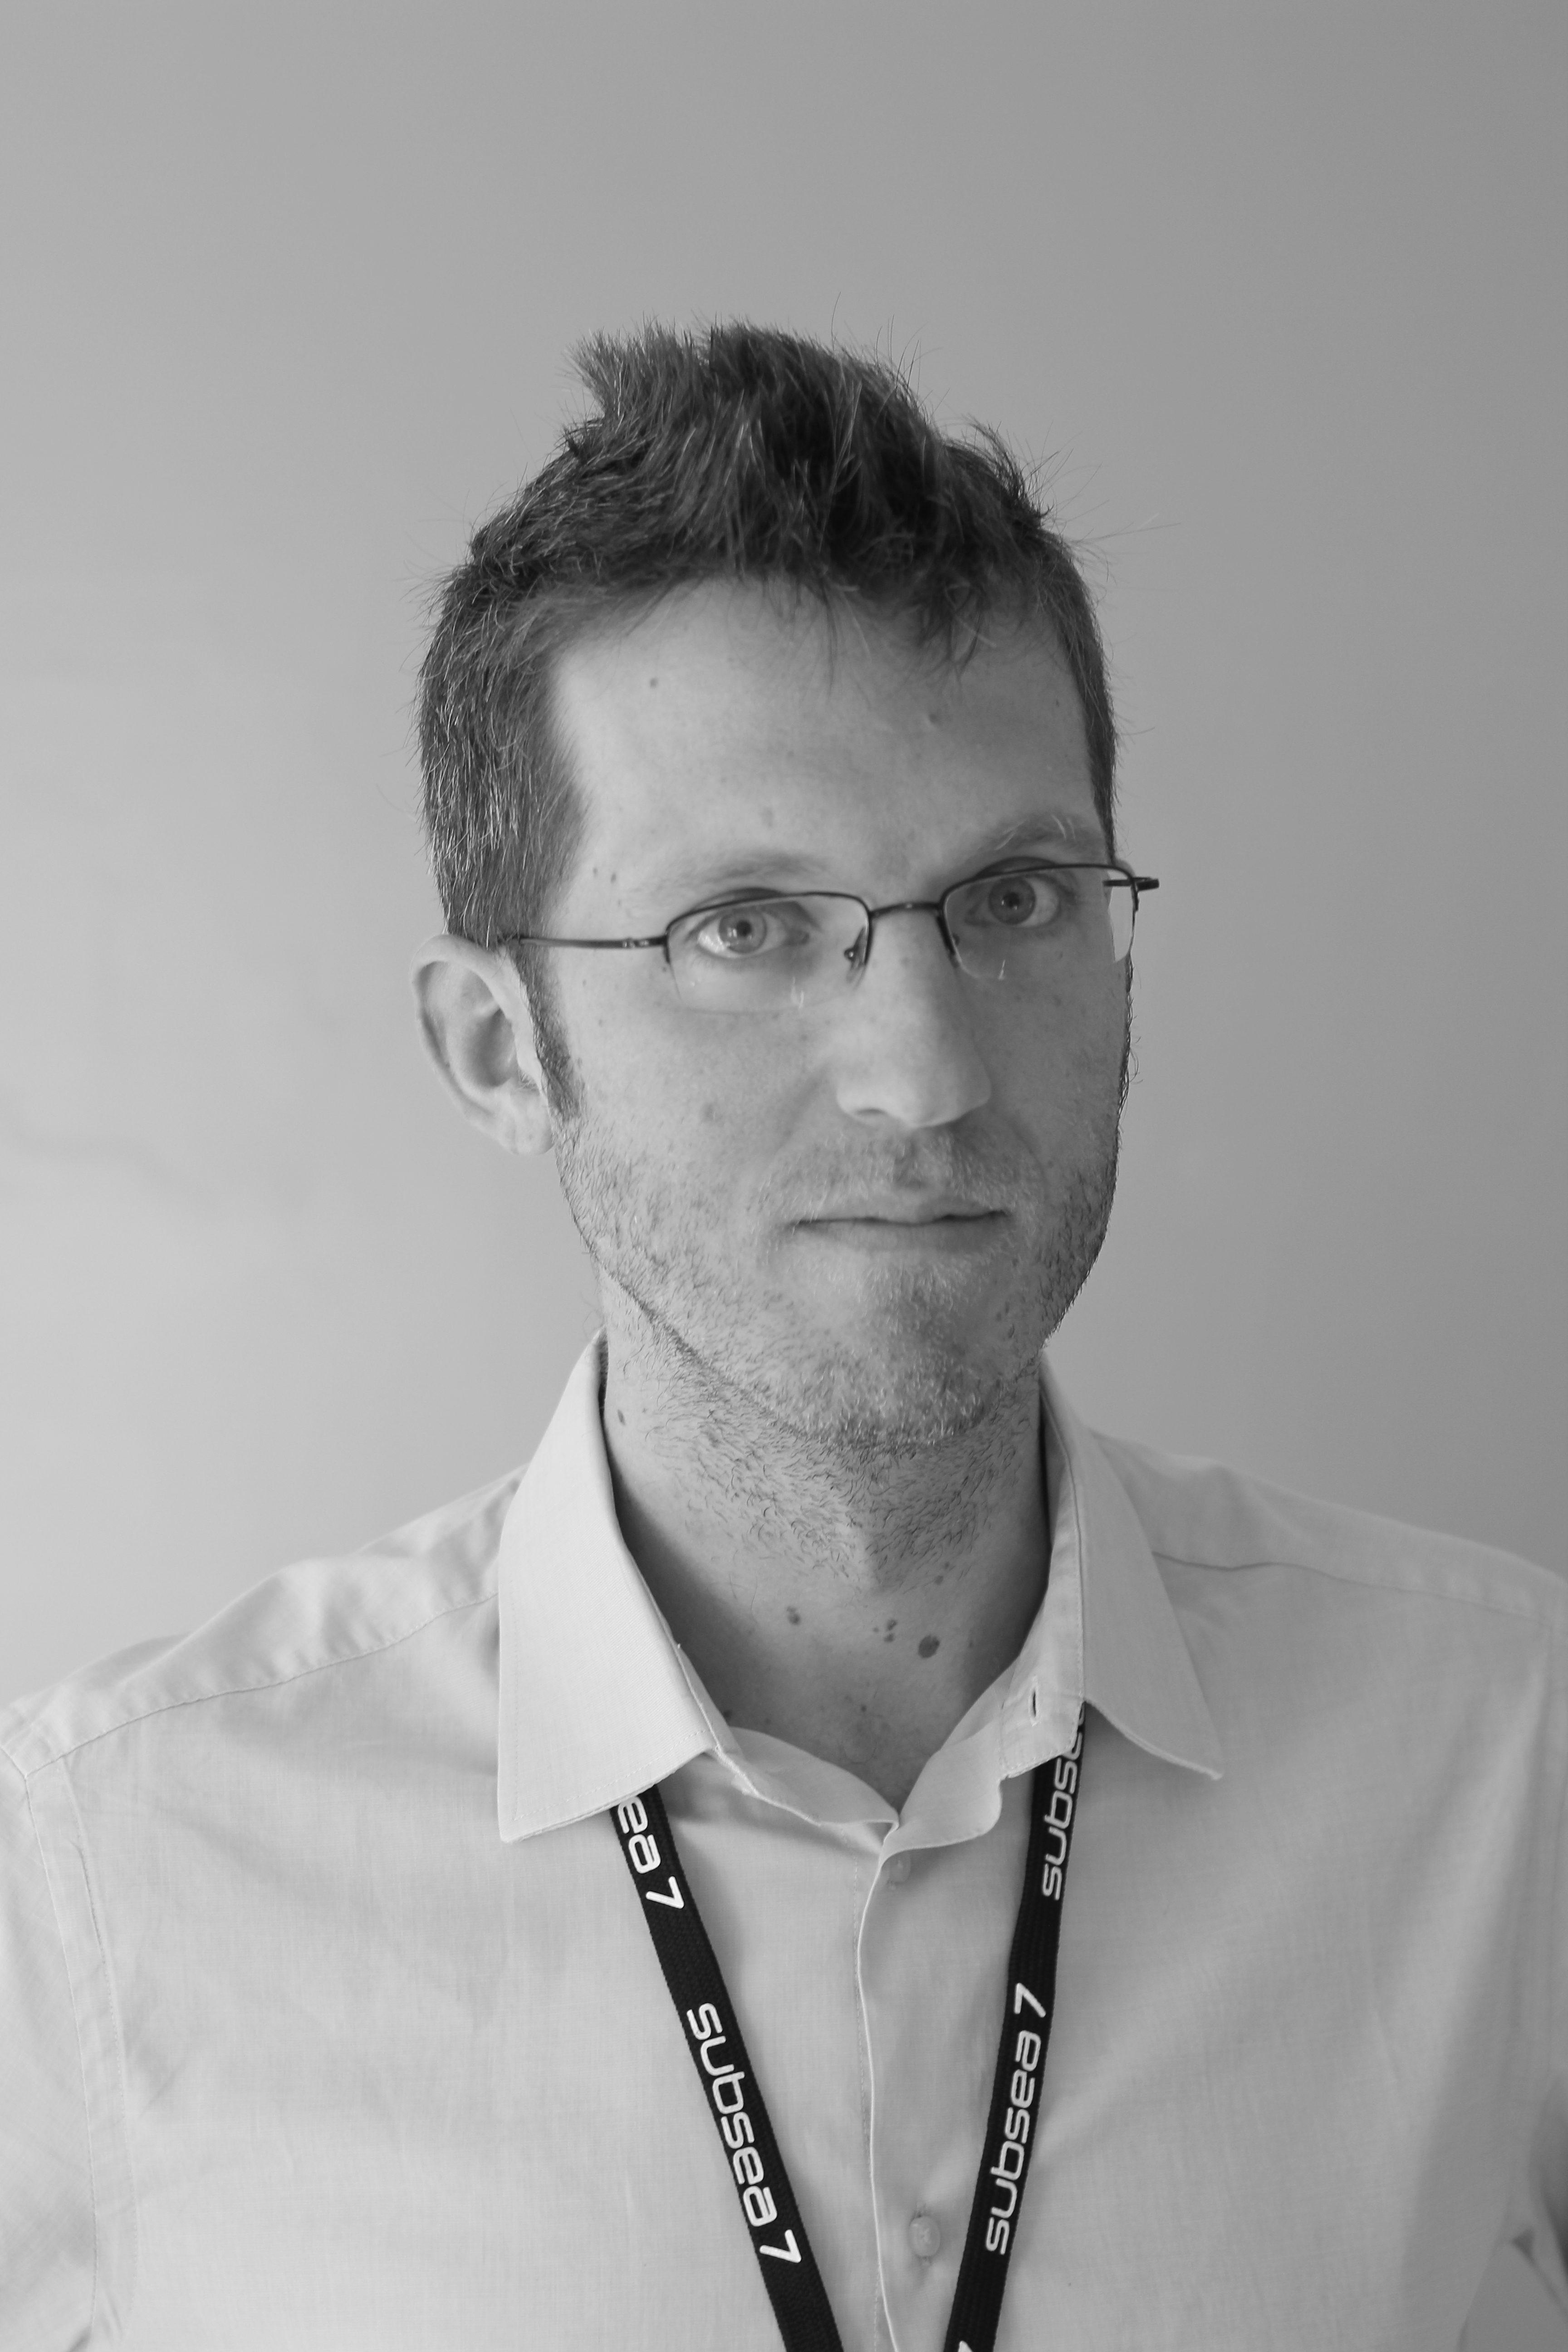 Pierre-Emmanuel Boulanger